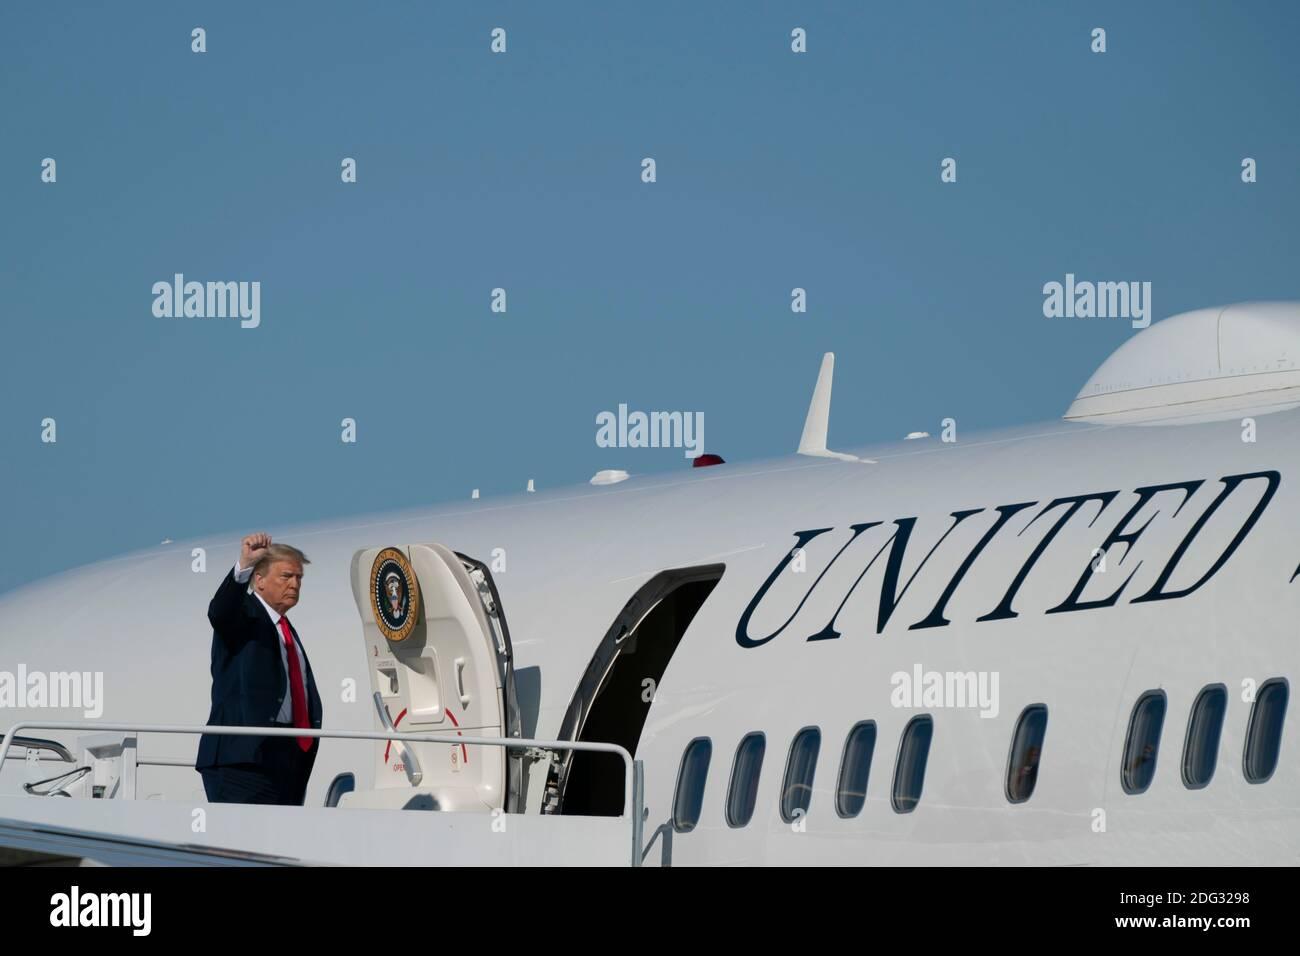 El presidente estadounidense Donald Trump enjunta la Fuerza Aérea uno en la base conjunta Andrews en Maryland, EE.UU., el sábado, 17 de octubre de 2020. Se espera que Trump haga múltiples paradas de campaña en la costa oeste durante los próximos días, descansando durante la noche en las Vegas, Nevada. Crédito: Alex Edelman/The Photo Access Foto de stock